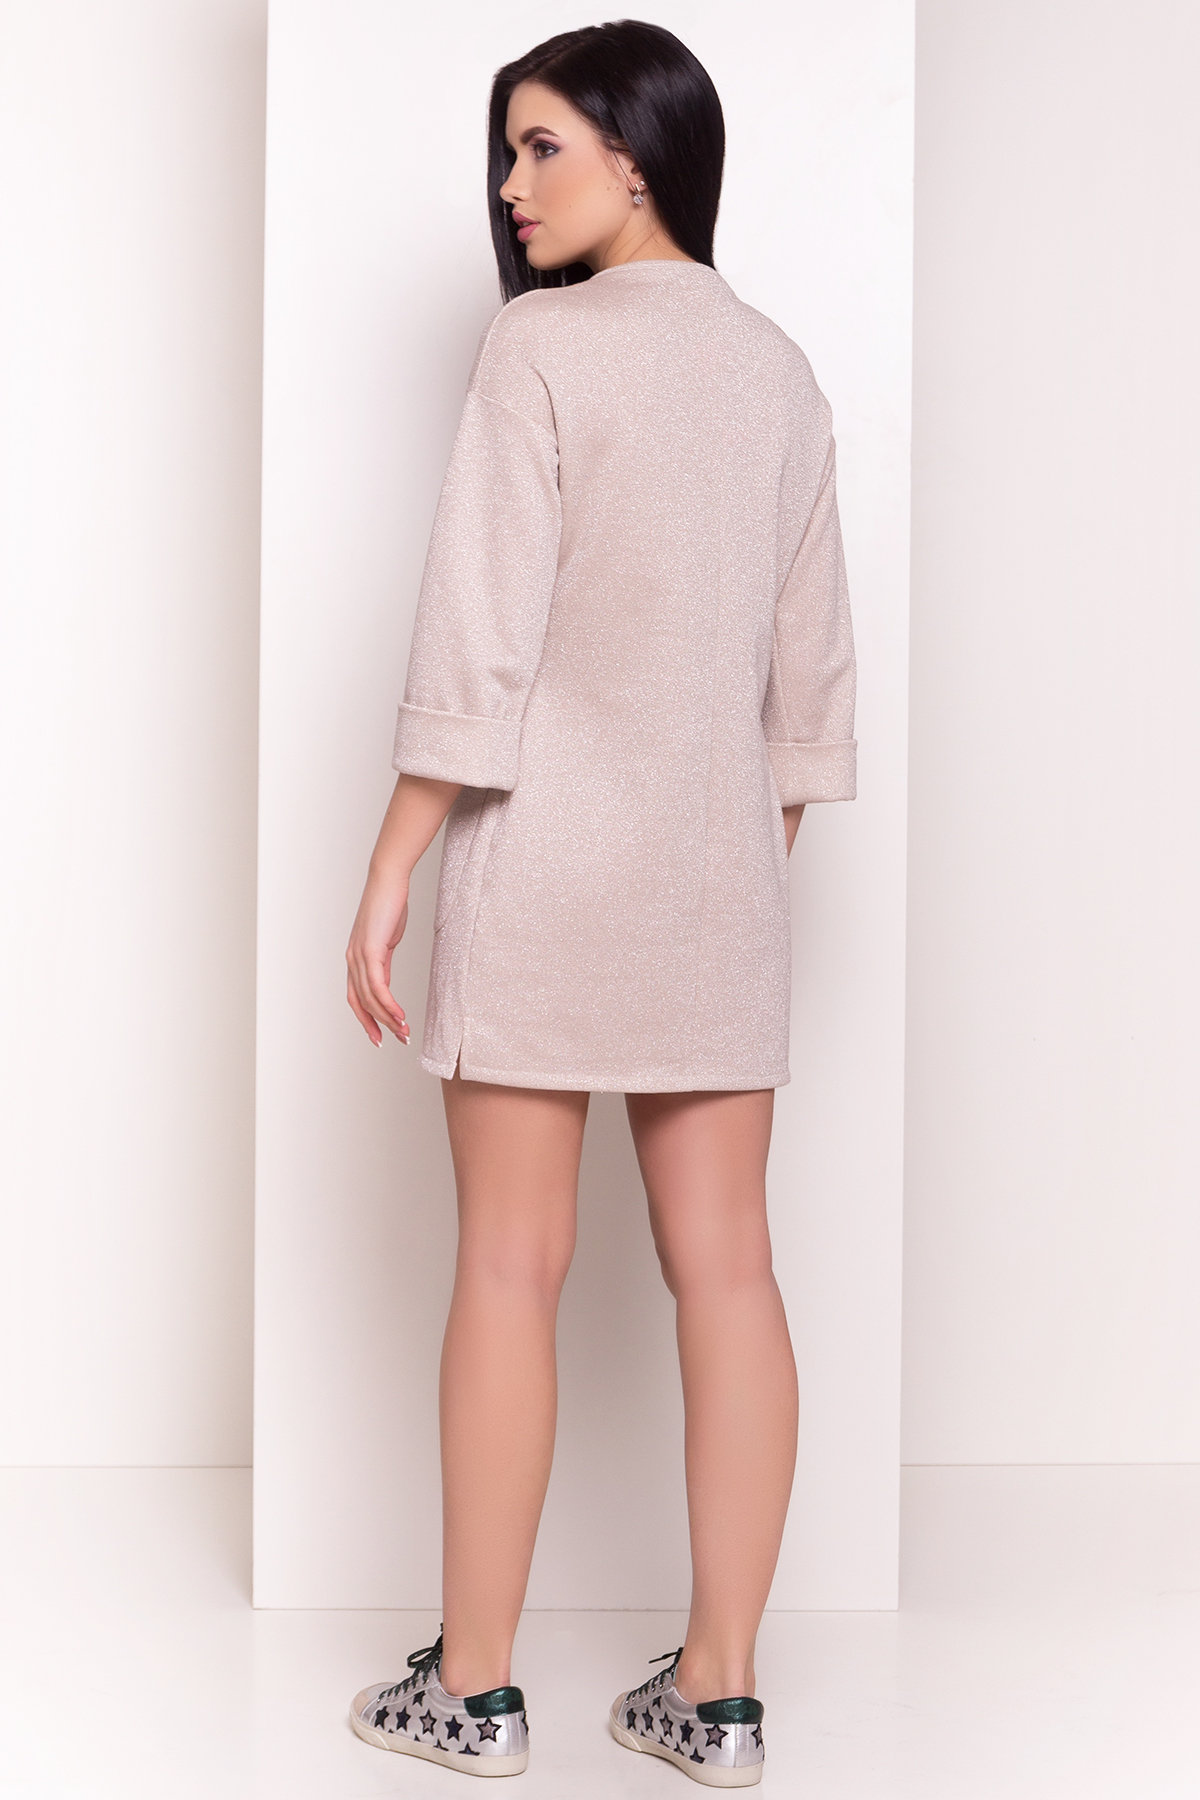 Платье Линэ 4778 АРТ. 34266 Цвет: Бежевый - фото 3, интернет магазин tm-modus.ru